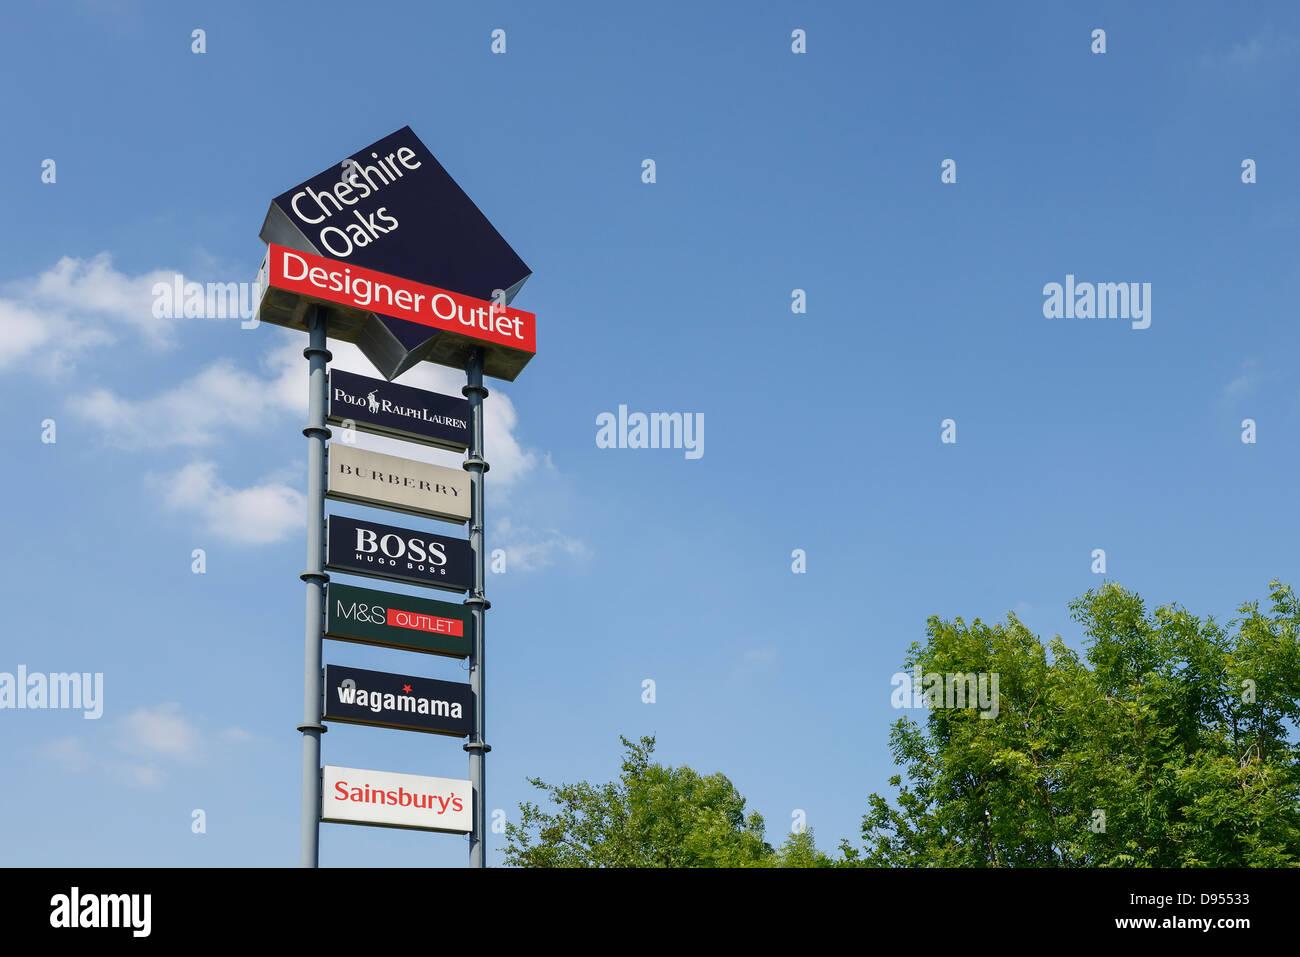 Cheshire oaks designer outlet shopping centre ellesmere - Designer outlet mobel ...